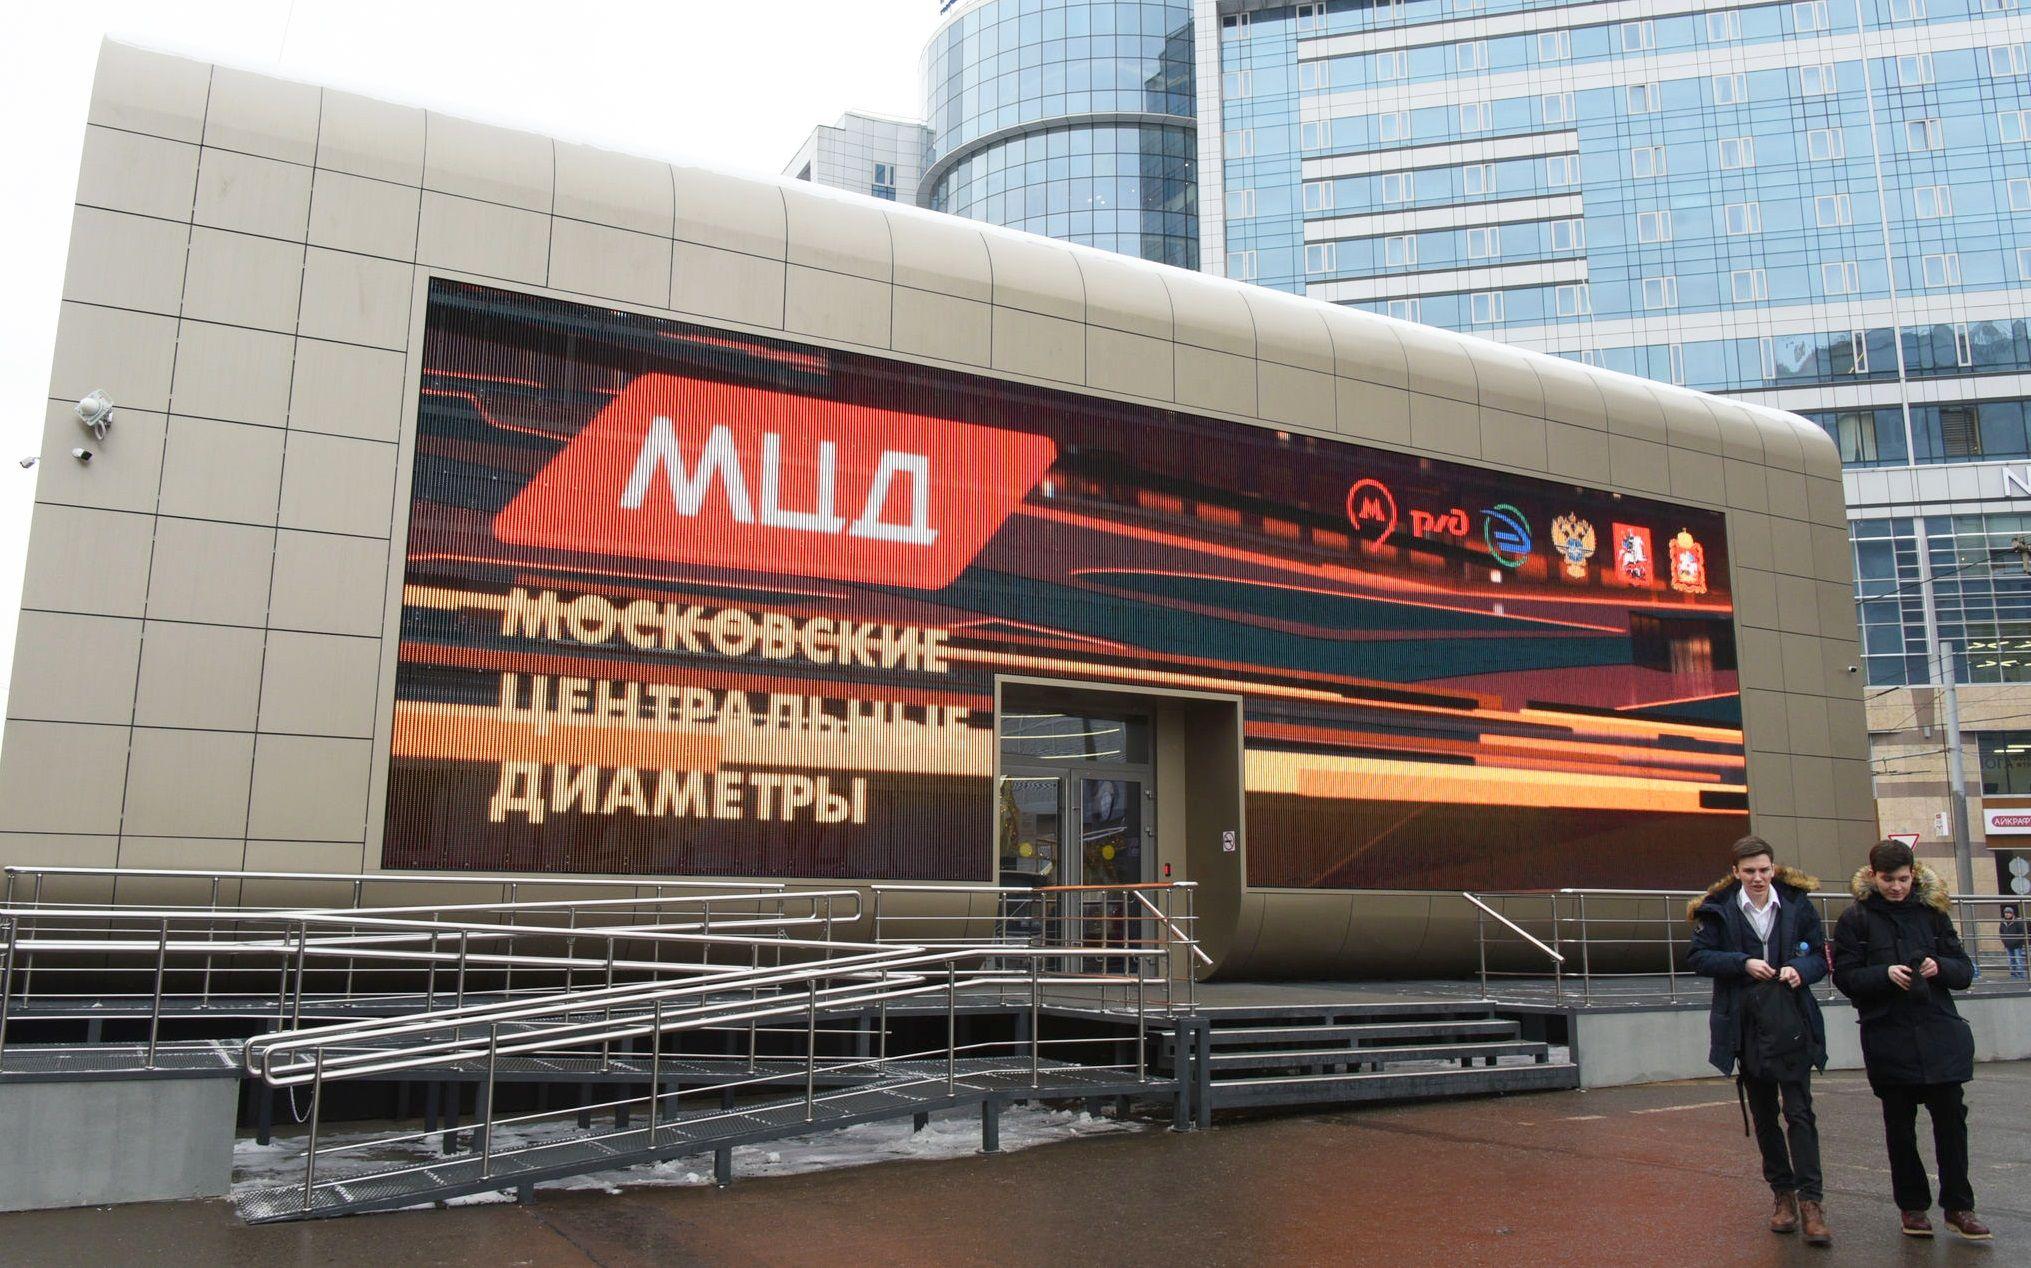 Павильон МЦД в Москве принял более 40 тысяч человек за три месяца. Фото: Владимир Новиков